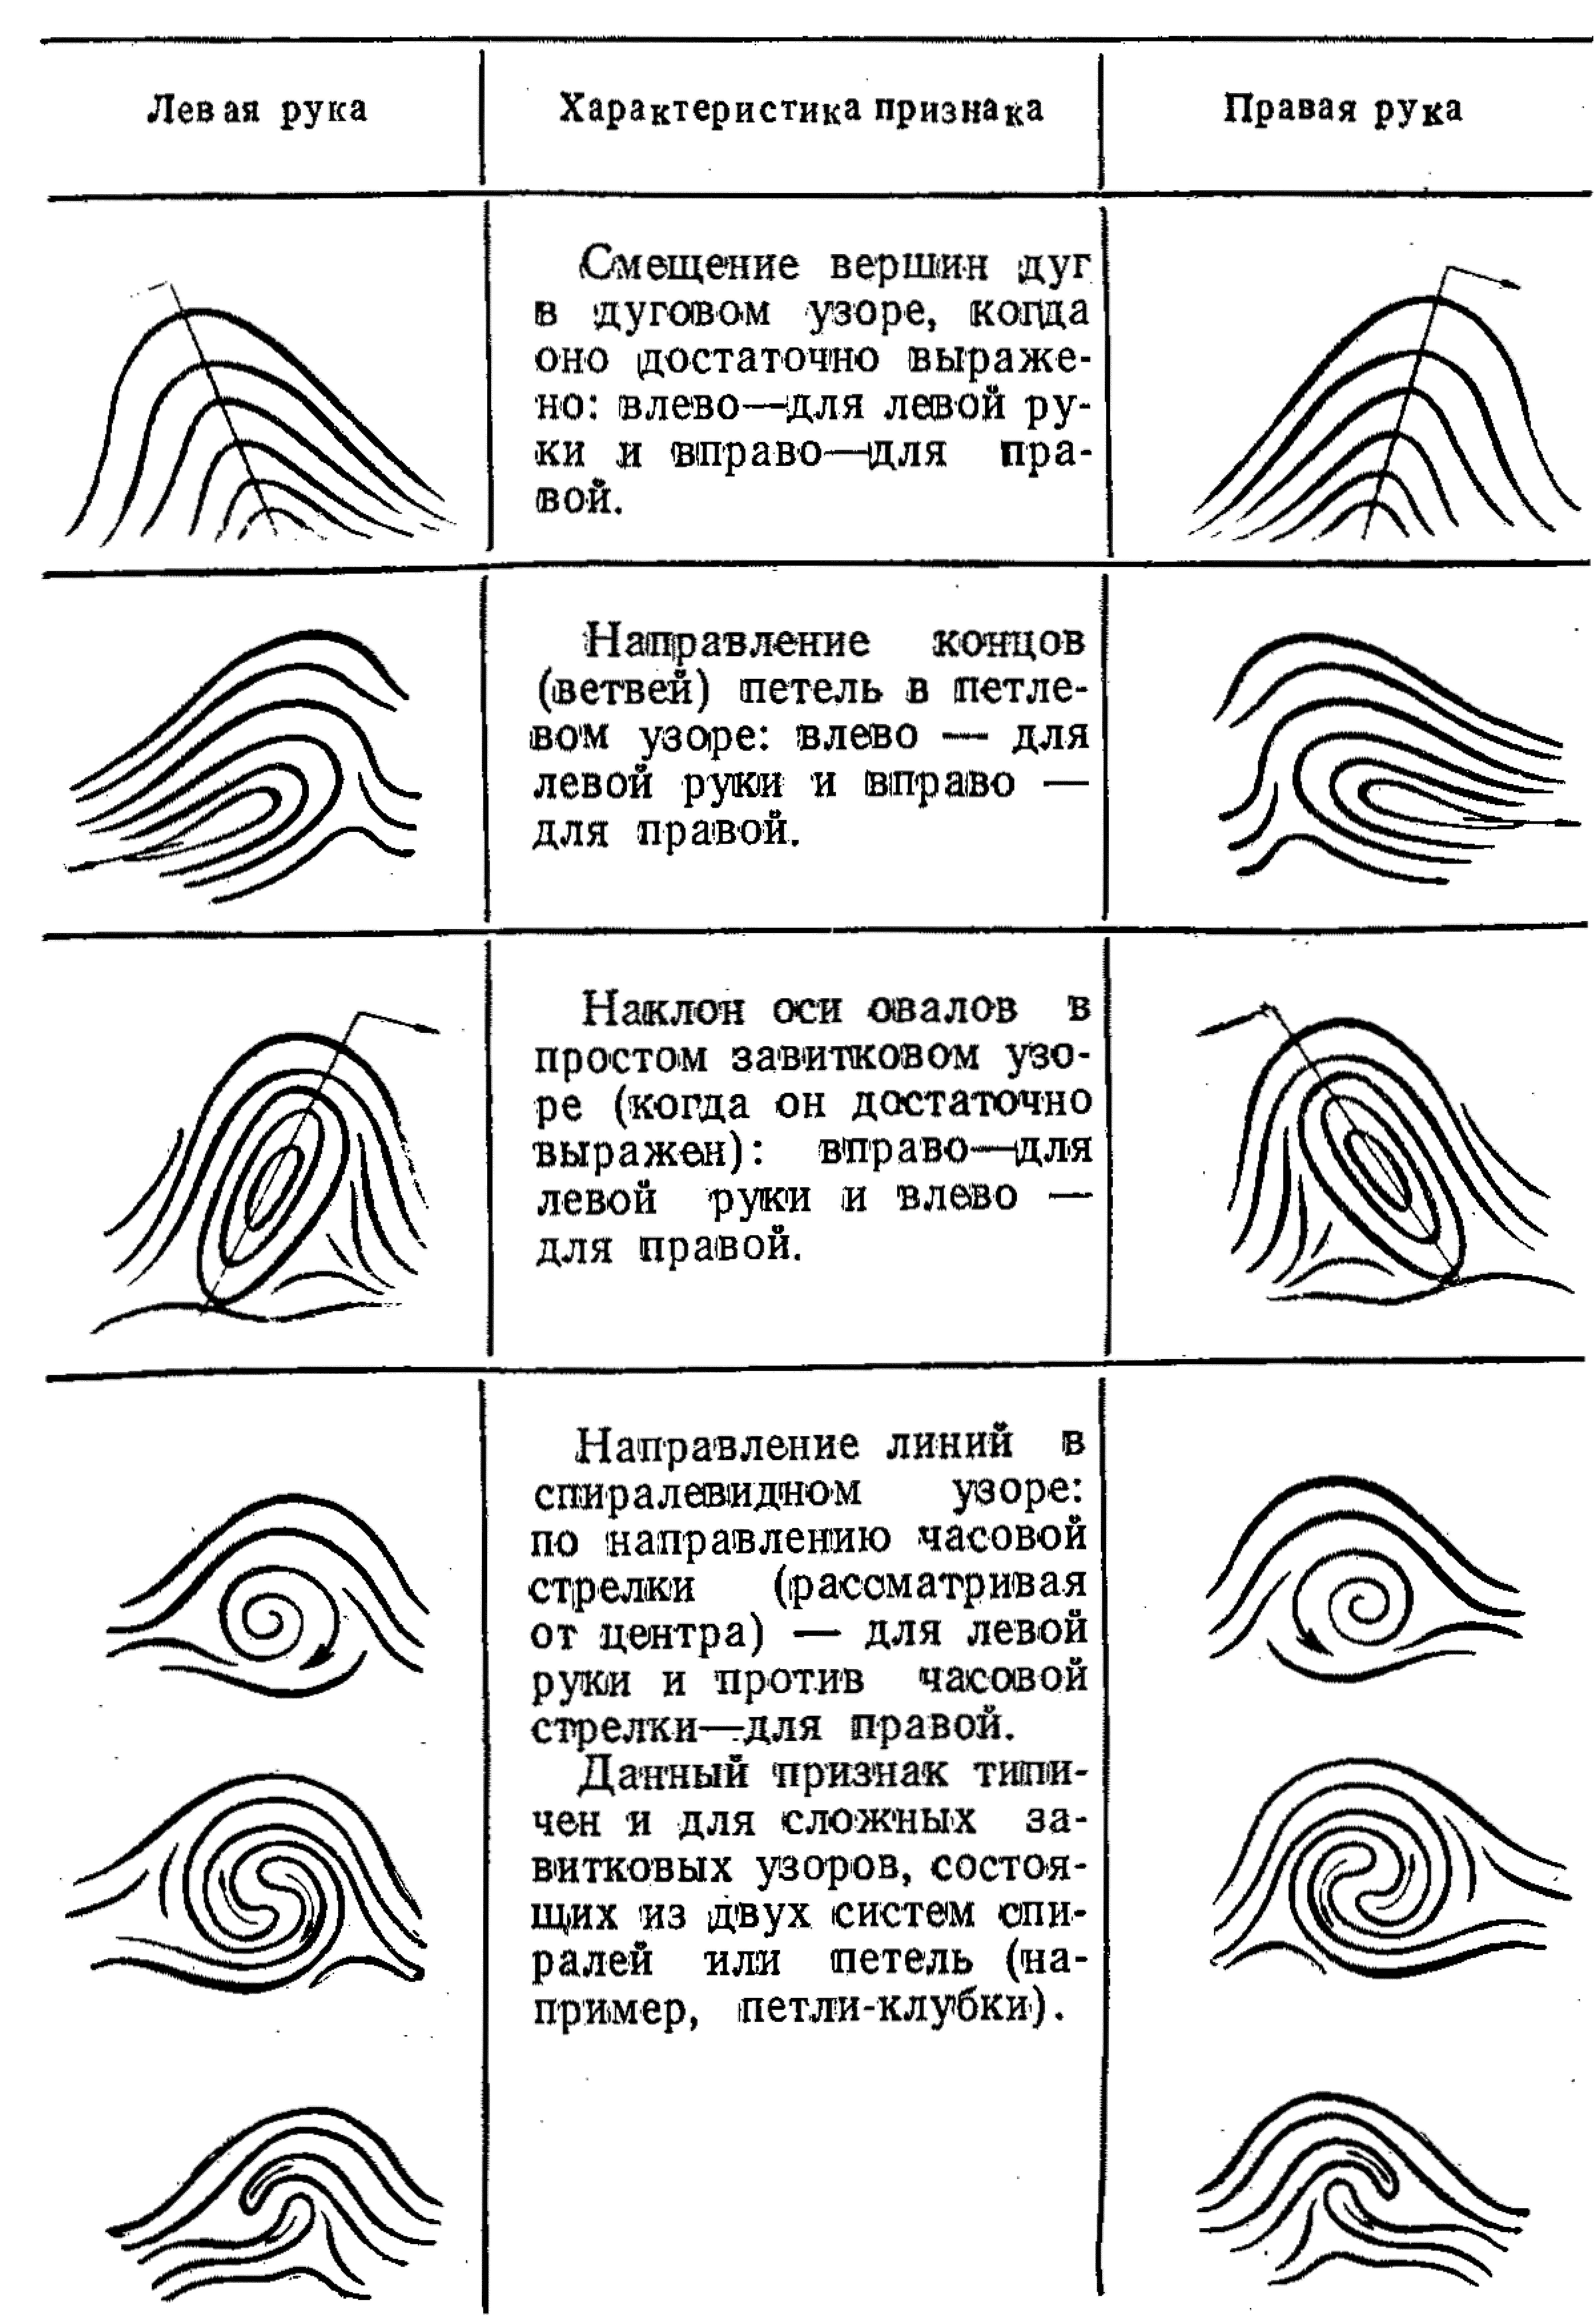 Схематическая зарисовка следа пальца